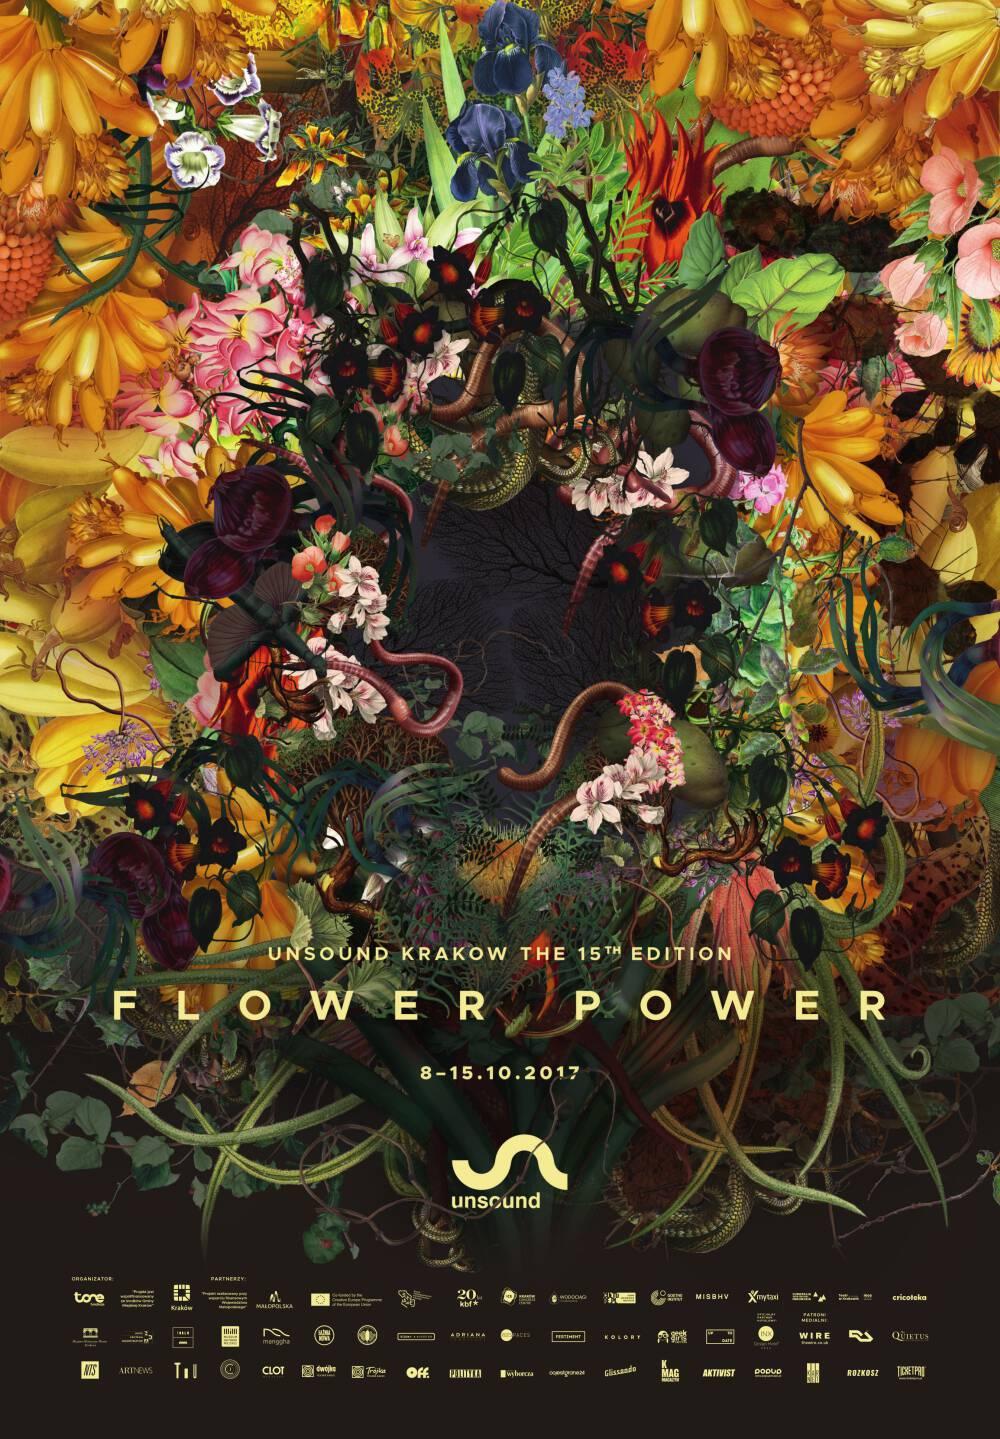 Unsound Kraków 2017: Flower Power poster